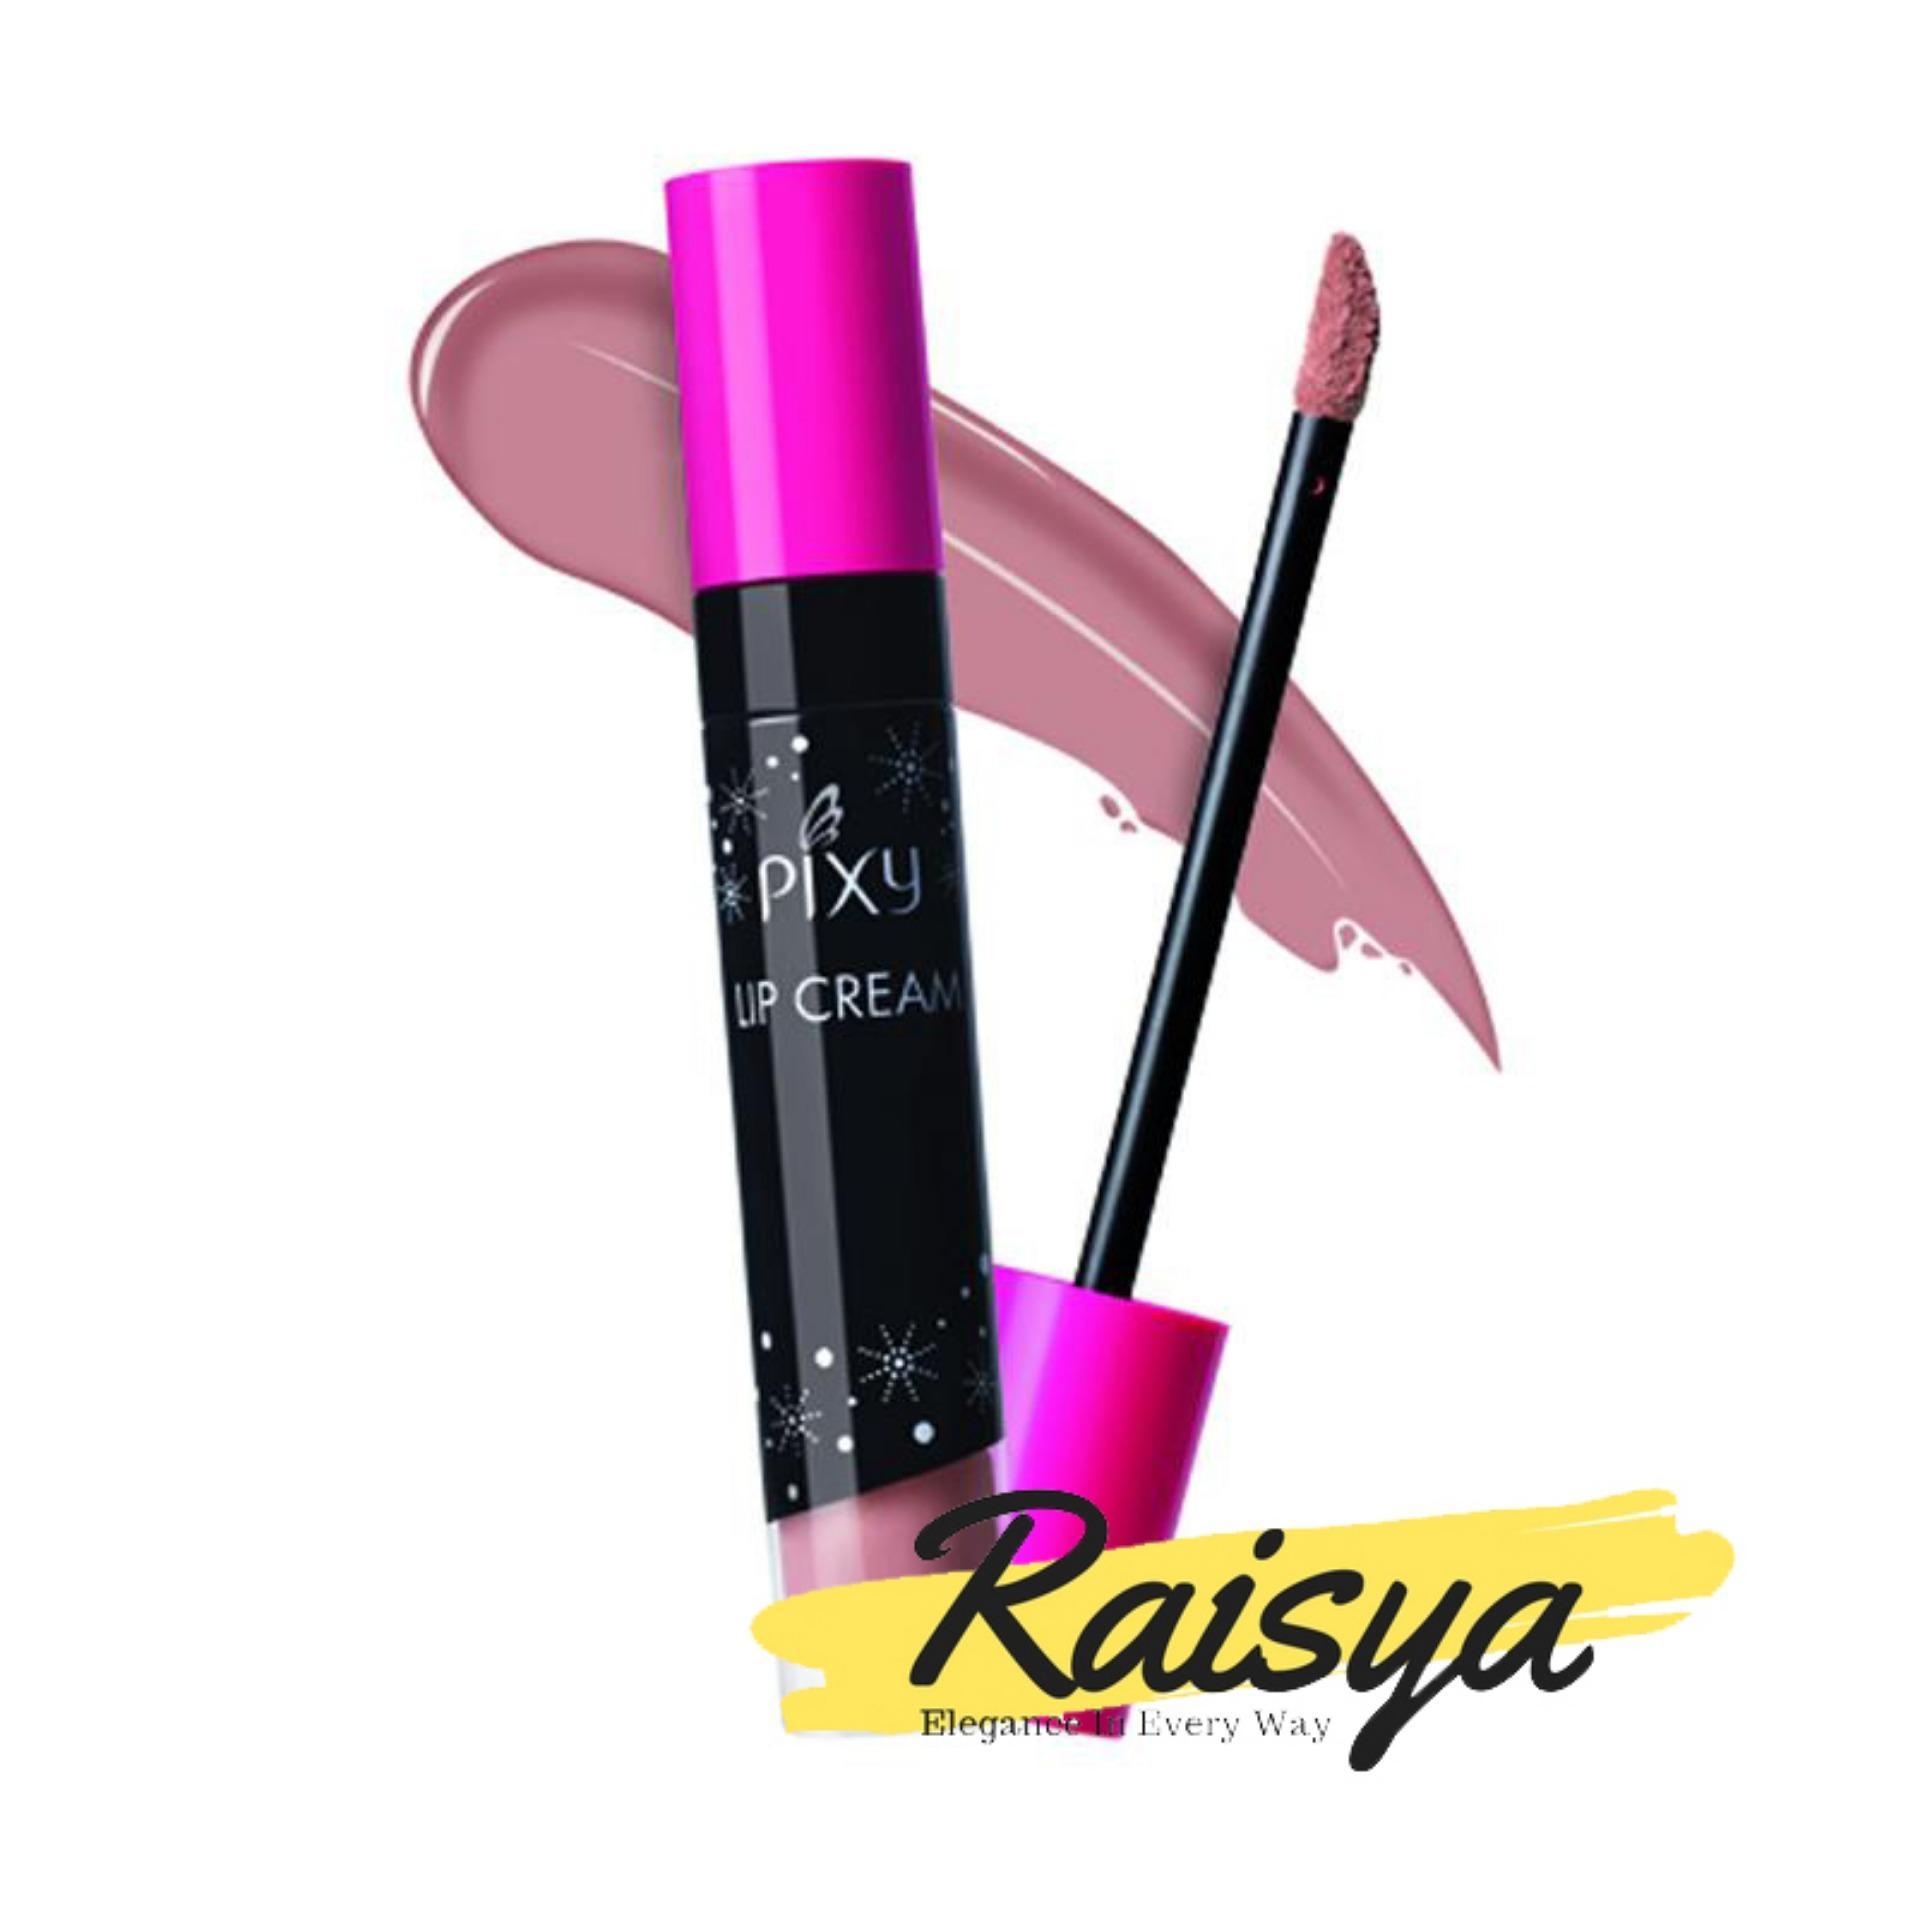 Pixy Lip Cream No. 08 - Delicate Pink